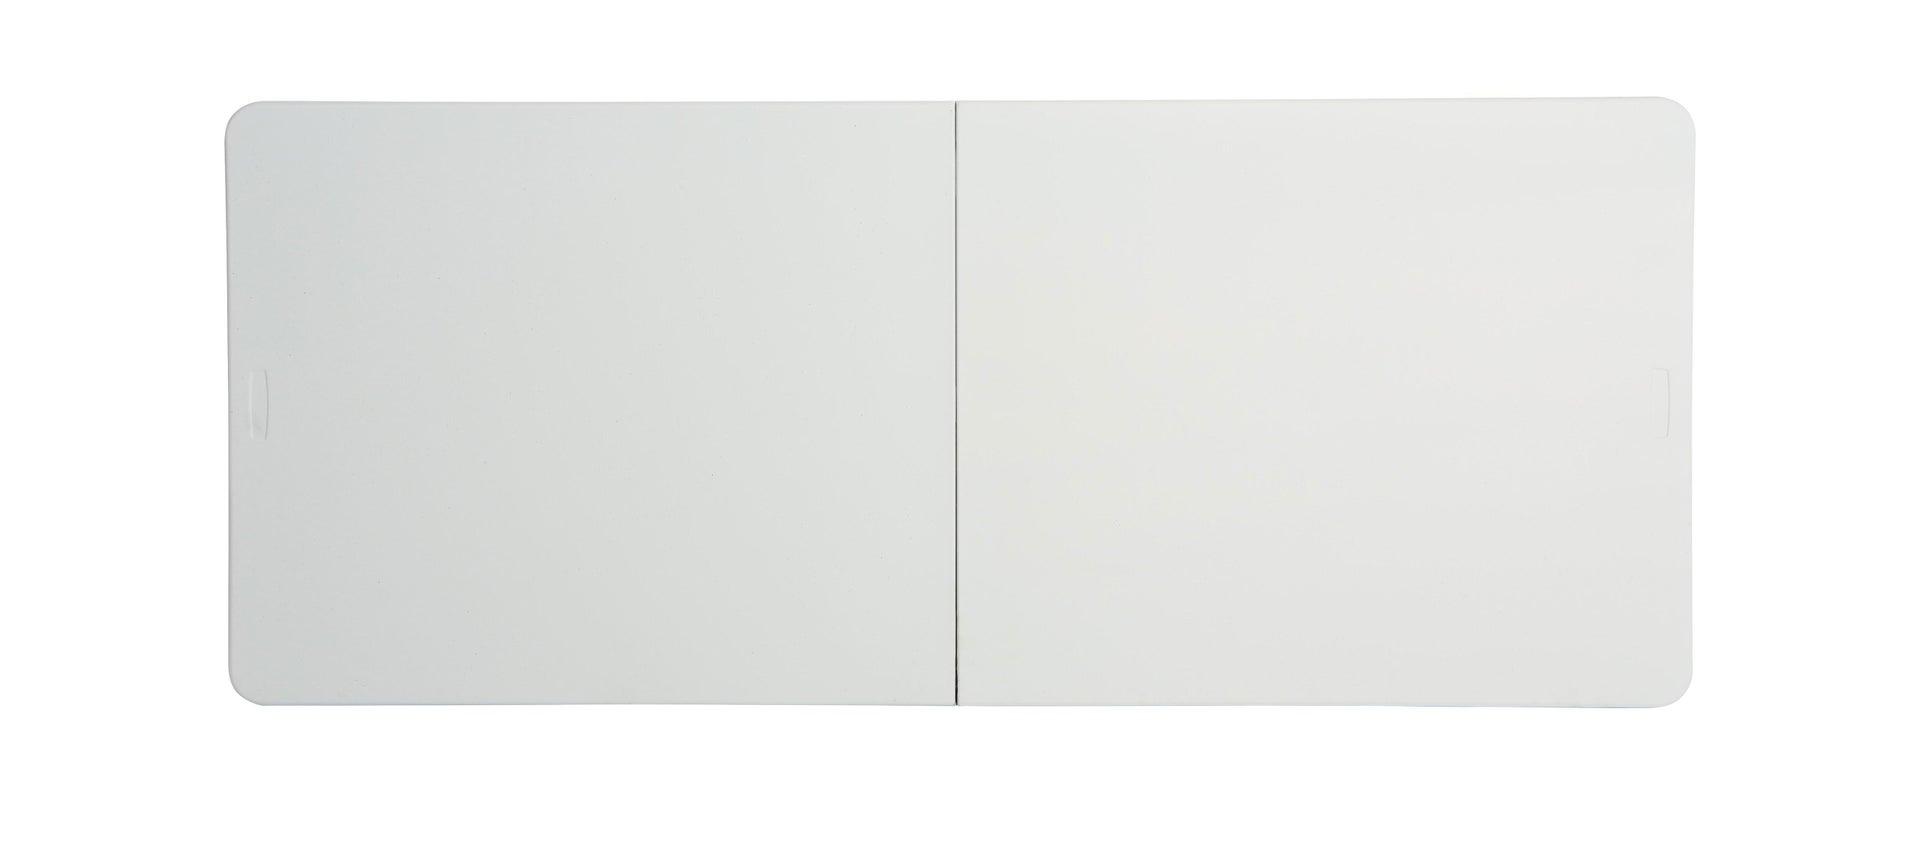 Tavolo da pranzo per giardino rettangolare Lifetime con piano in plastica L 76 x P 183 cm - 3